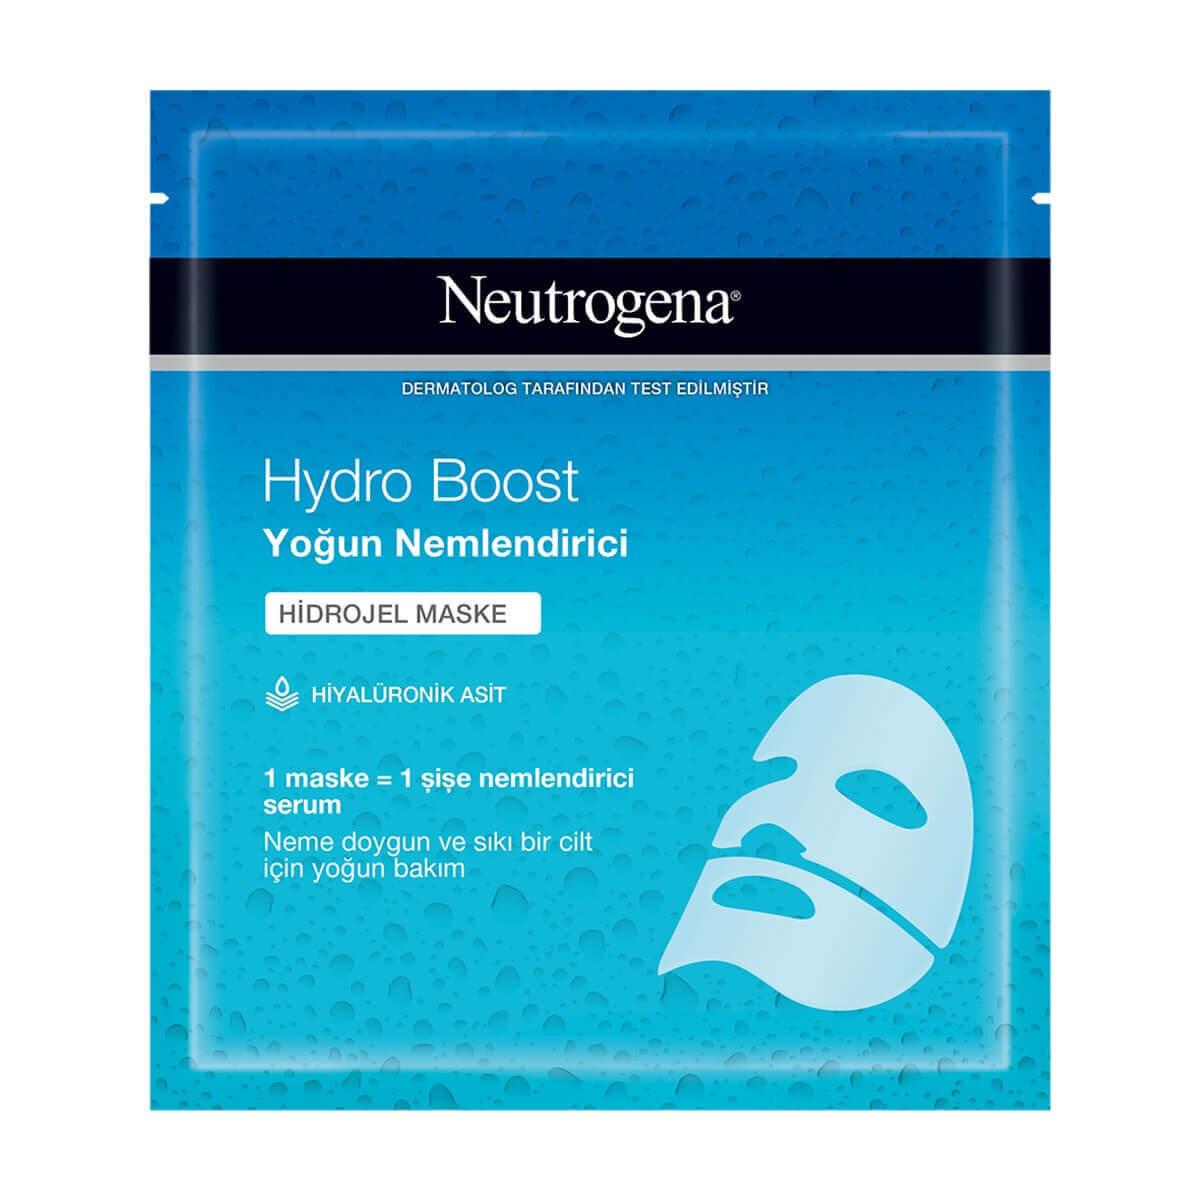 Hydro Boost Yoğun Nemlendirici Hidrojel Maske 30 ml